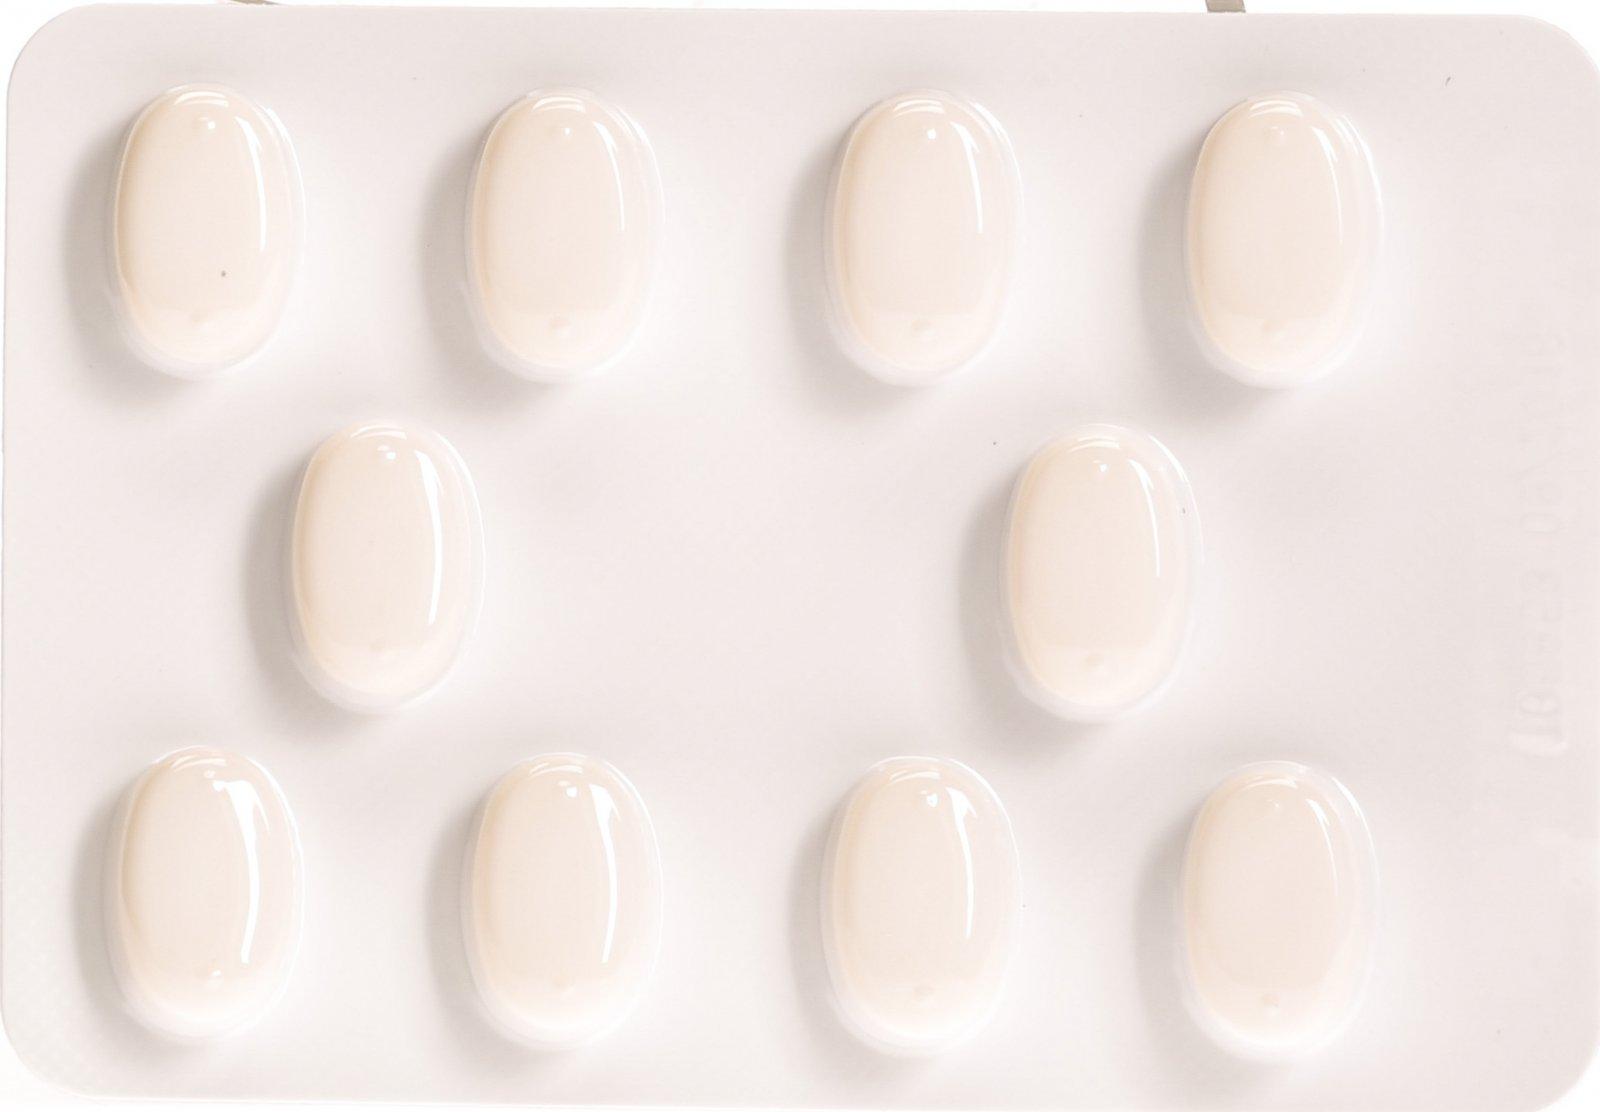 tramadol paracetamol mepha 37 5 325mg 20 st ck in der. Black Bedroom Furniture Sets. Home Design Ideas